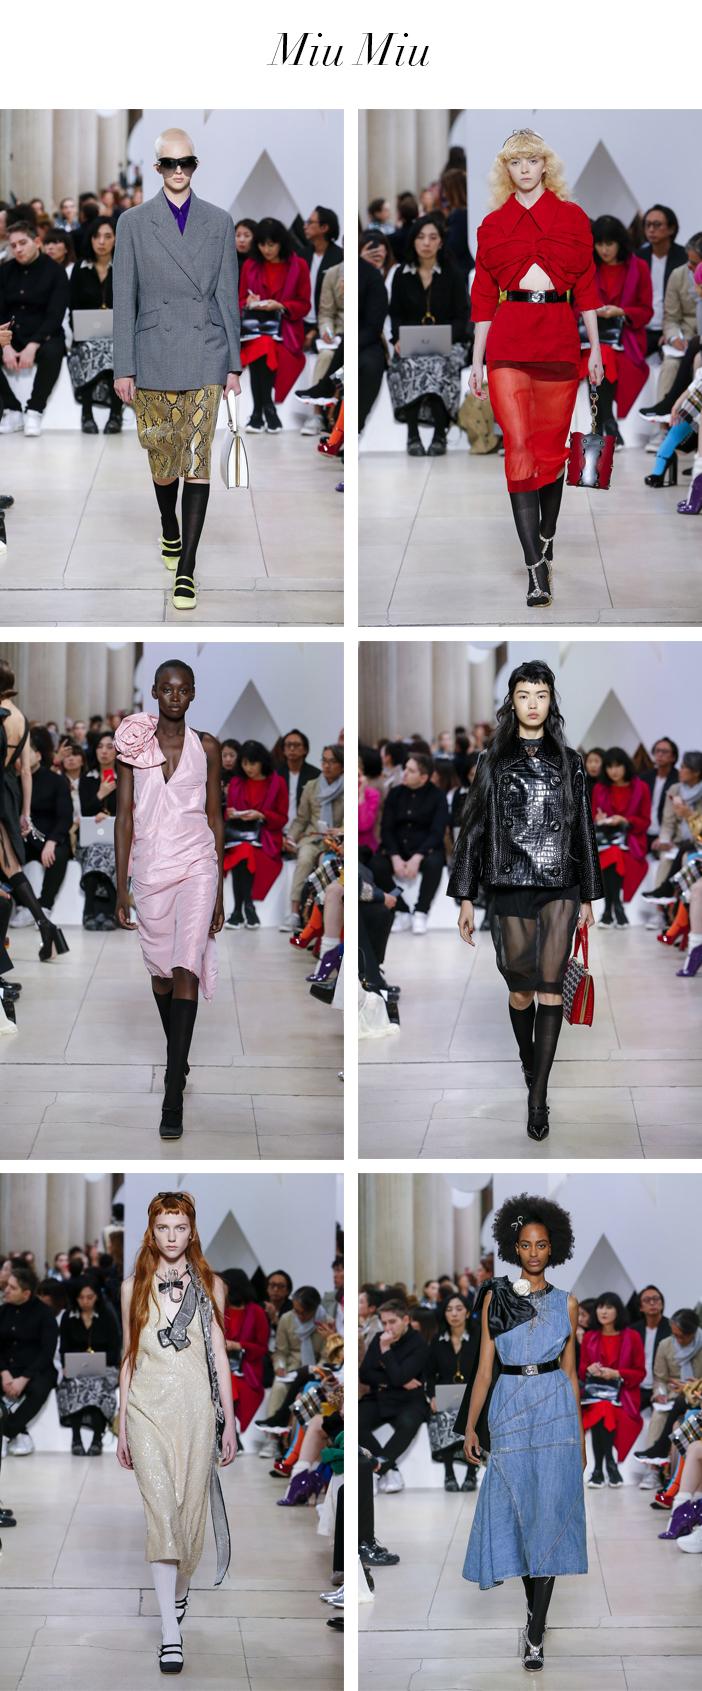 Semana de Moda de Paris - Verão 2019 - Miu Miu